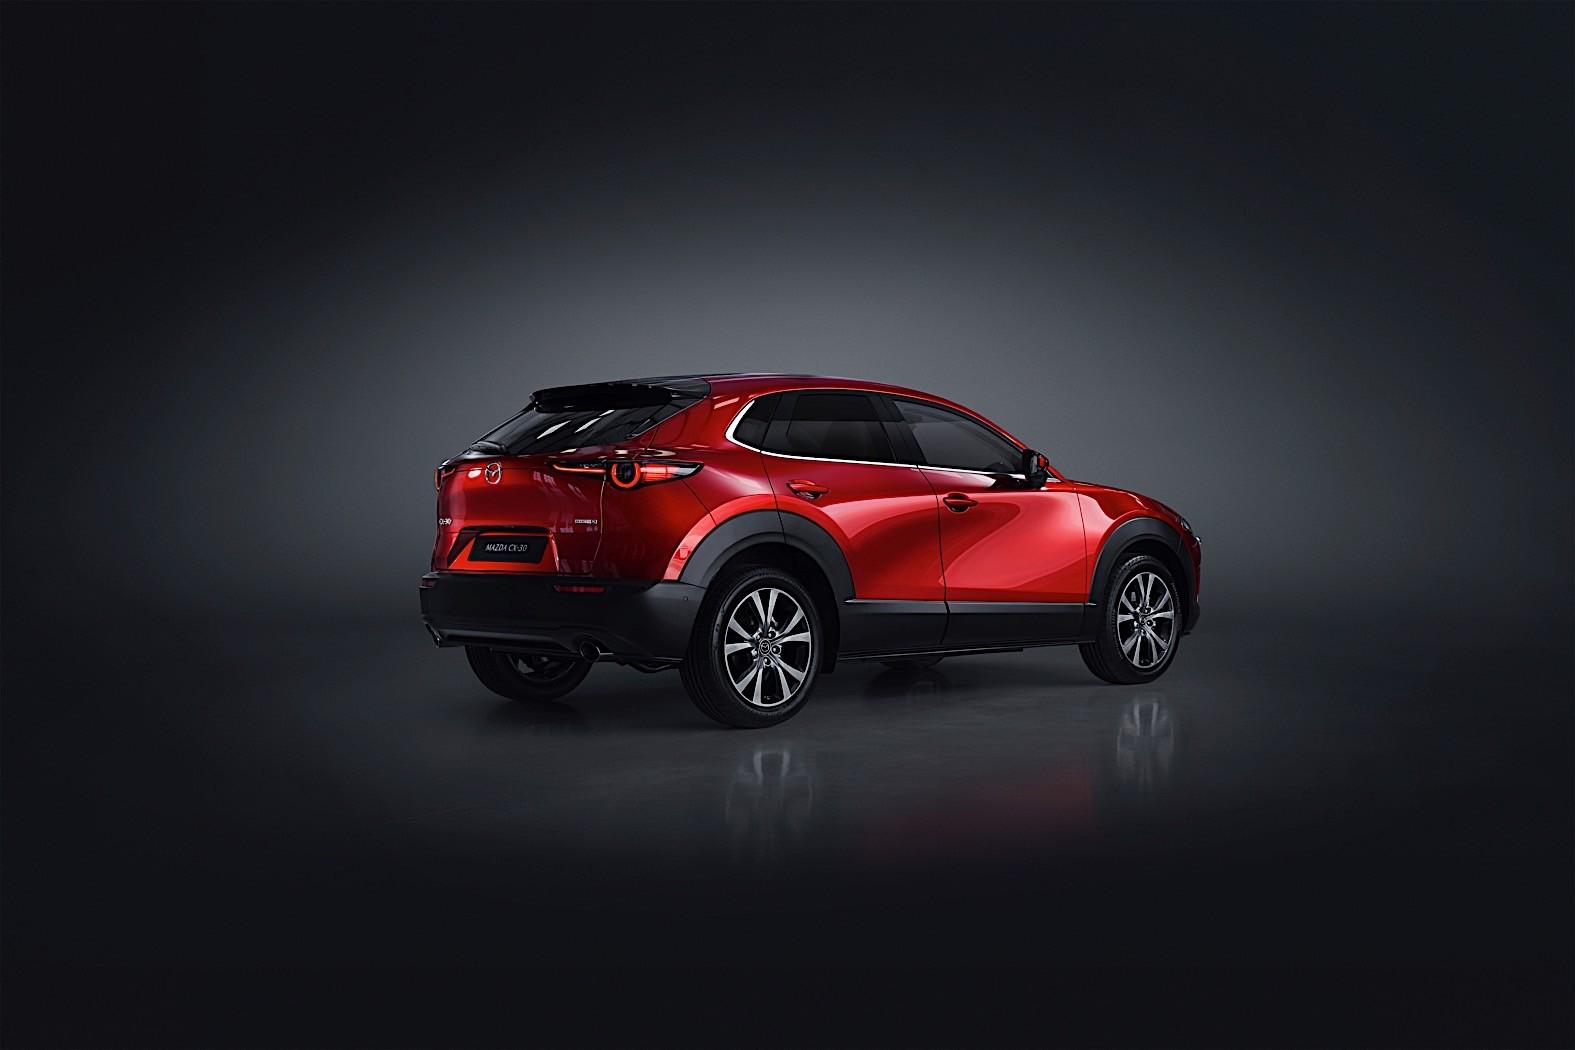 Mazda 3 Skyactiv >> 2020 Mazda CX-30 Crossover Fills Gaps in Geneva - autoevolution